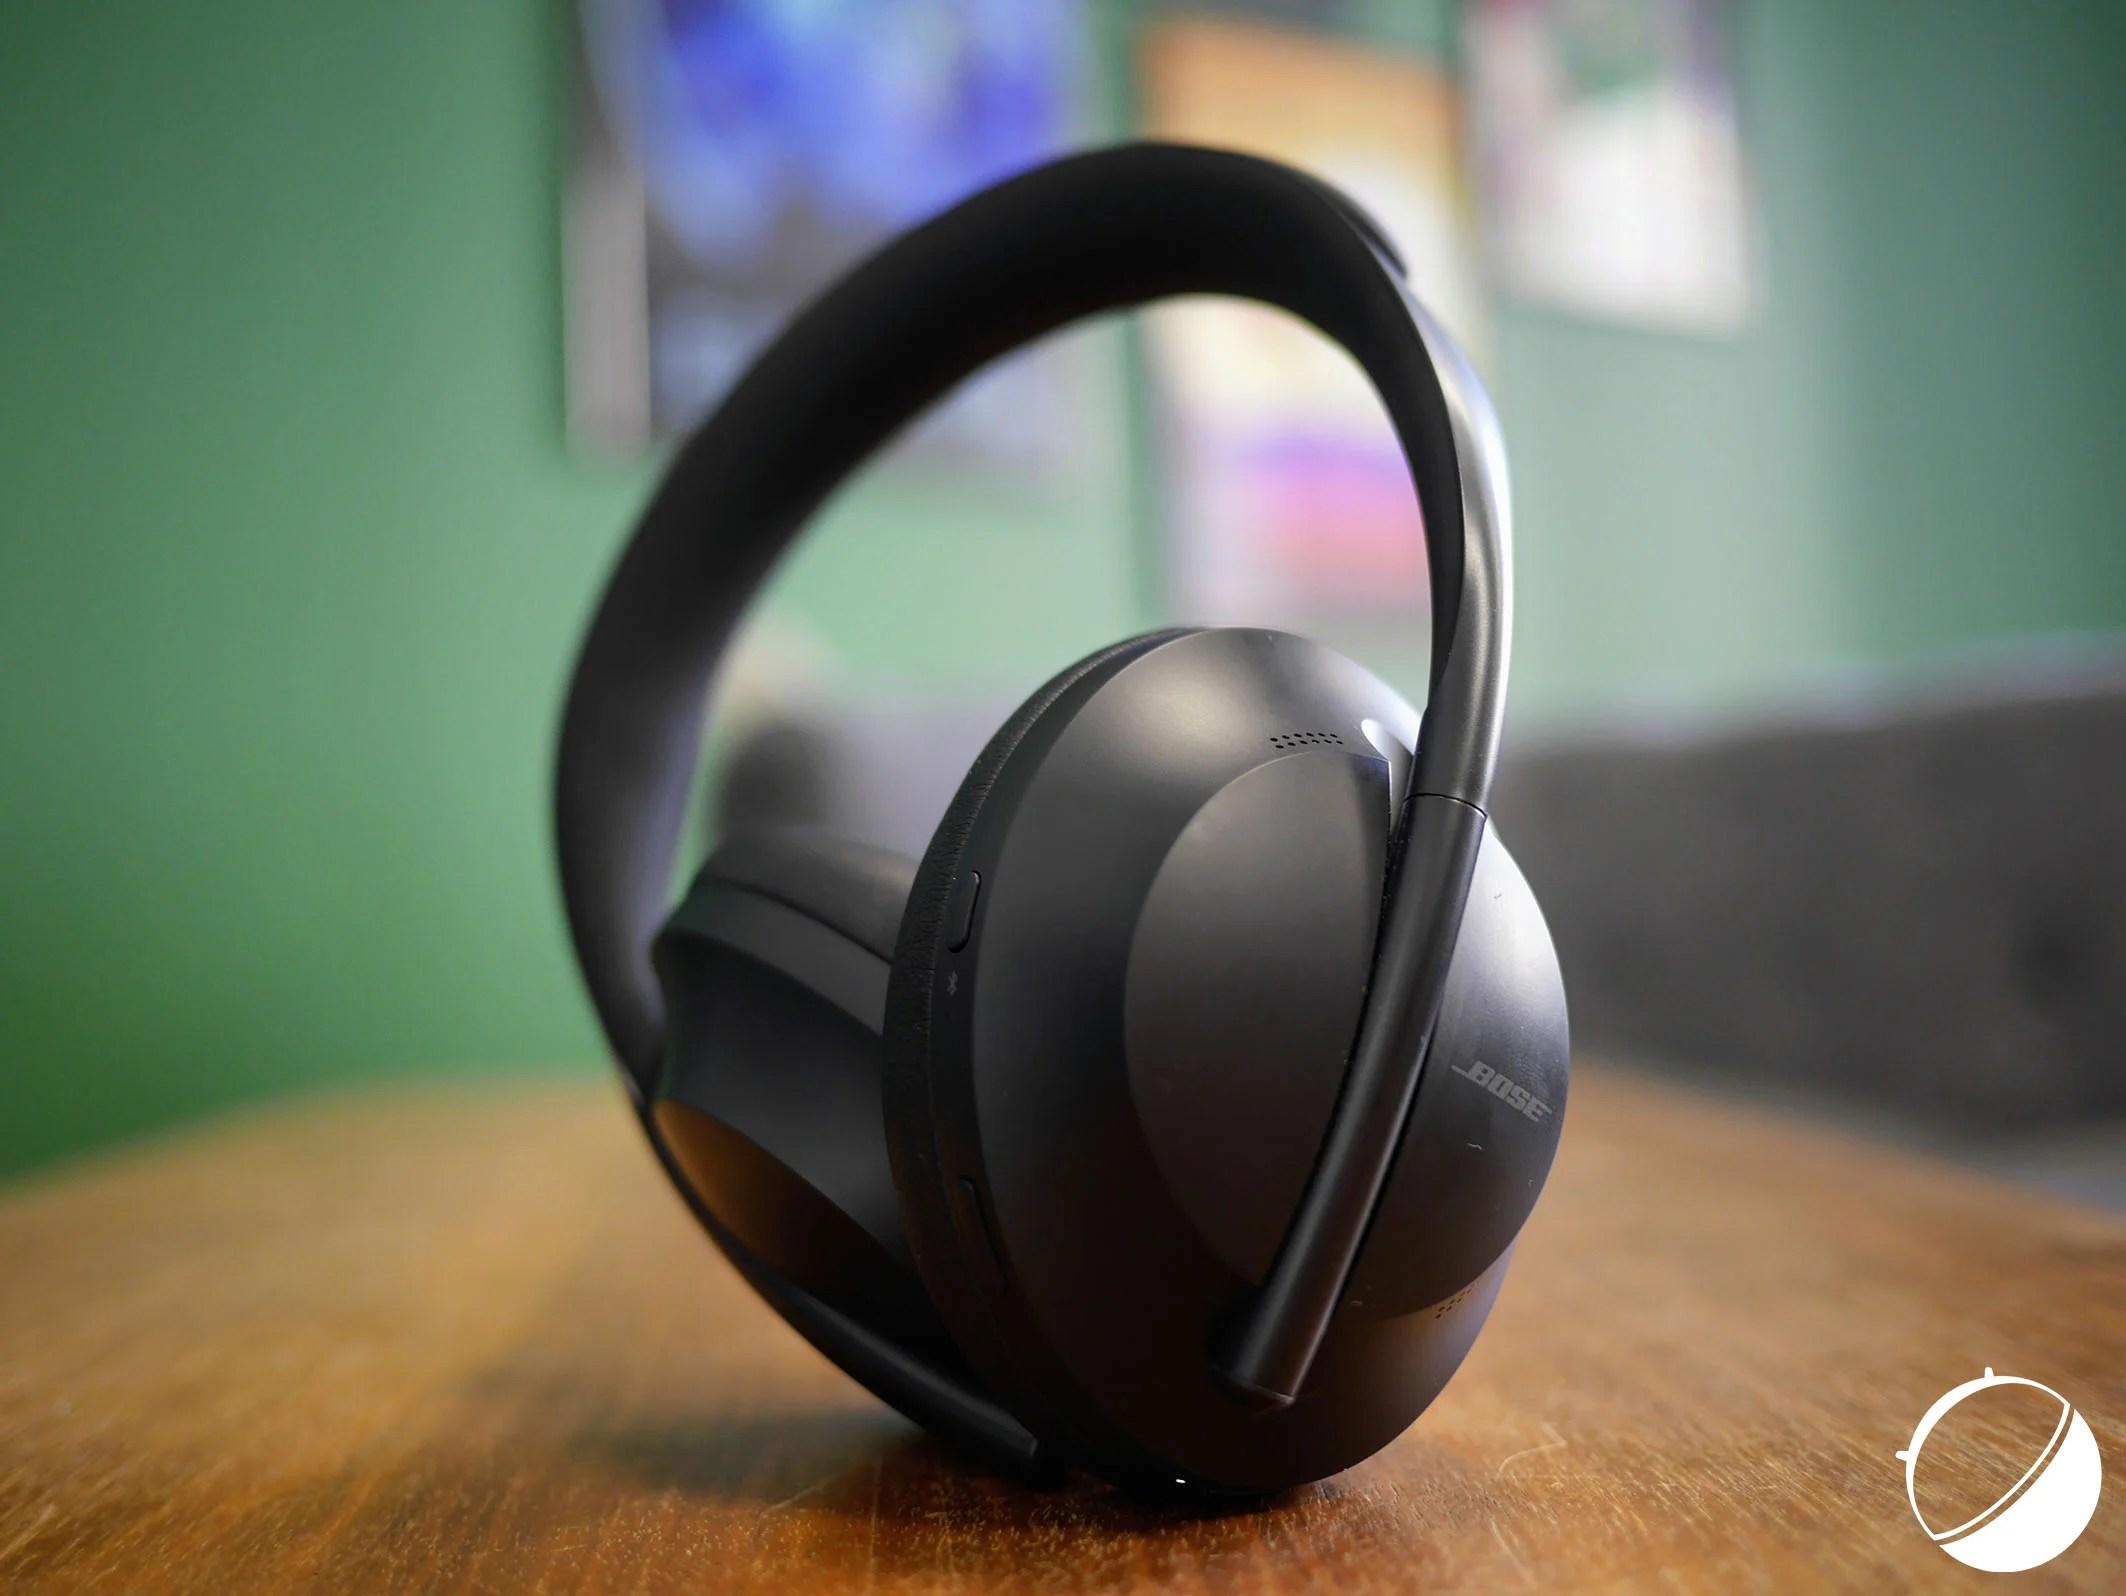 Vous n'êtes plus forcé de créer un compte Bose pour profiter de votre casque ou vos écouteurs